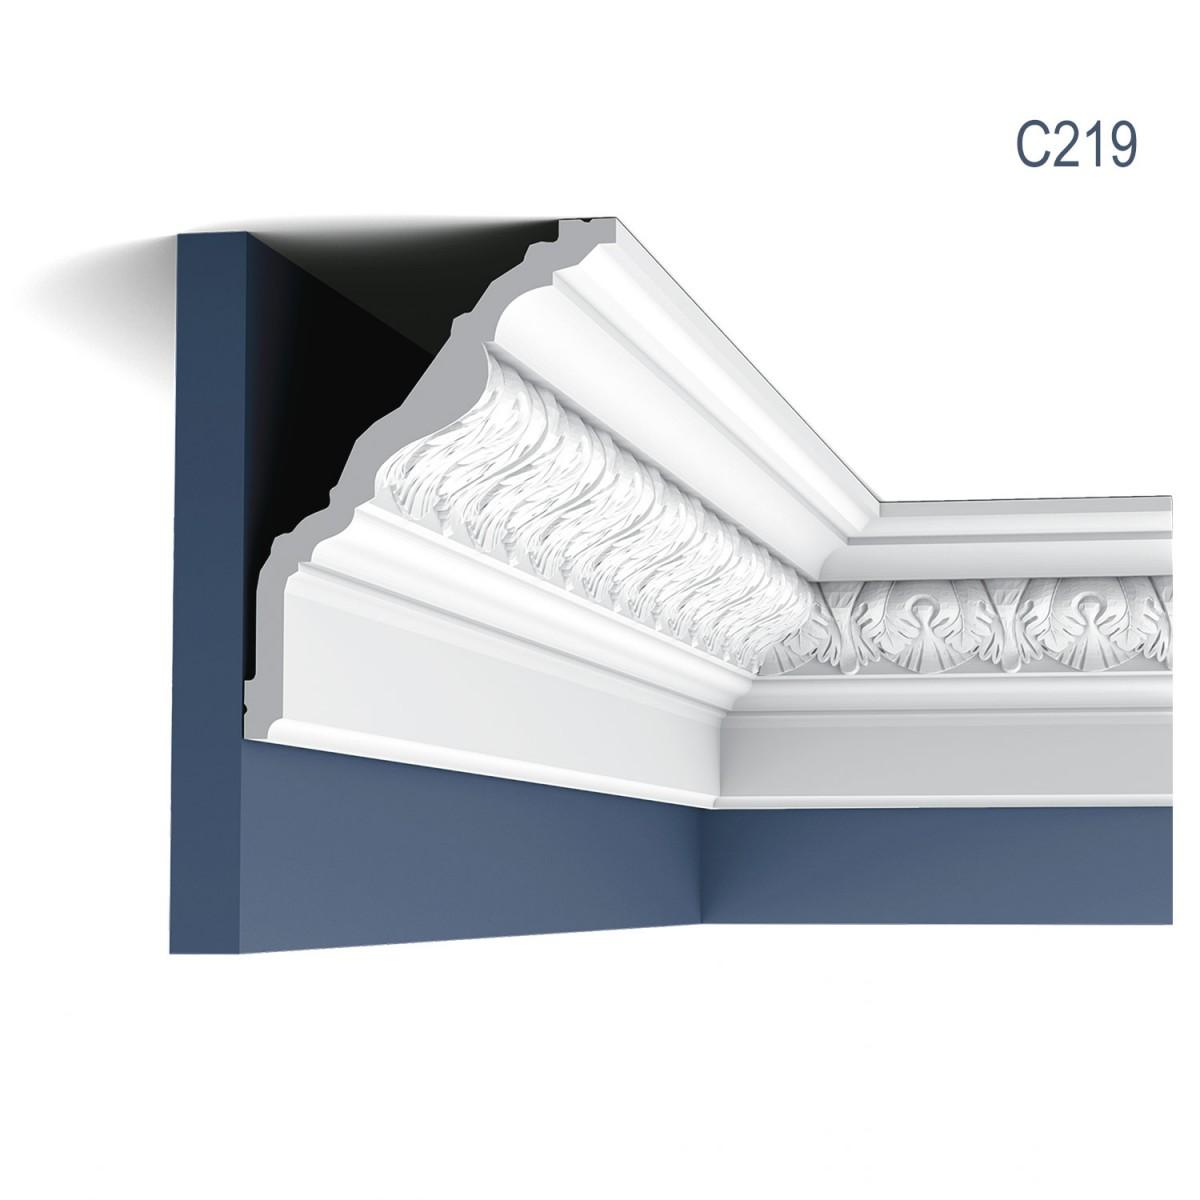 Cornisa Luxxus C219, Dimensiuni: 200 X 17.6 X 13 cm, Orac Decor